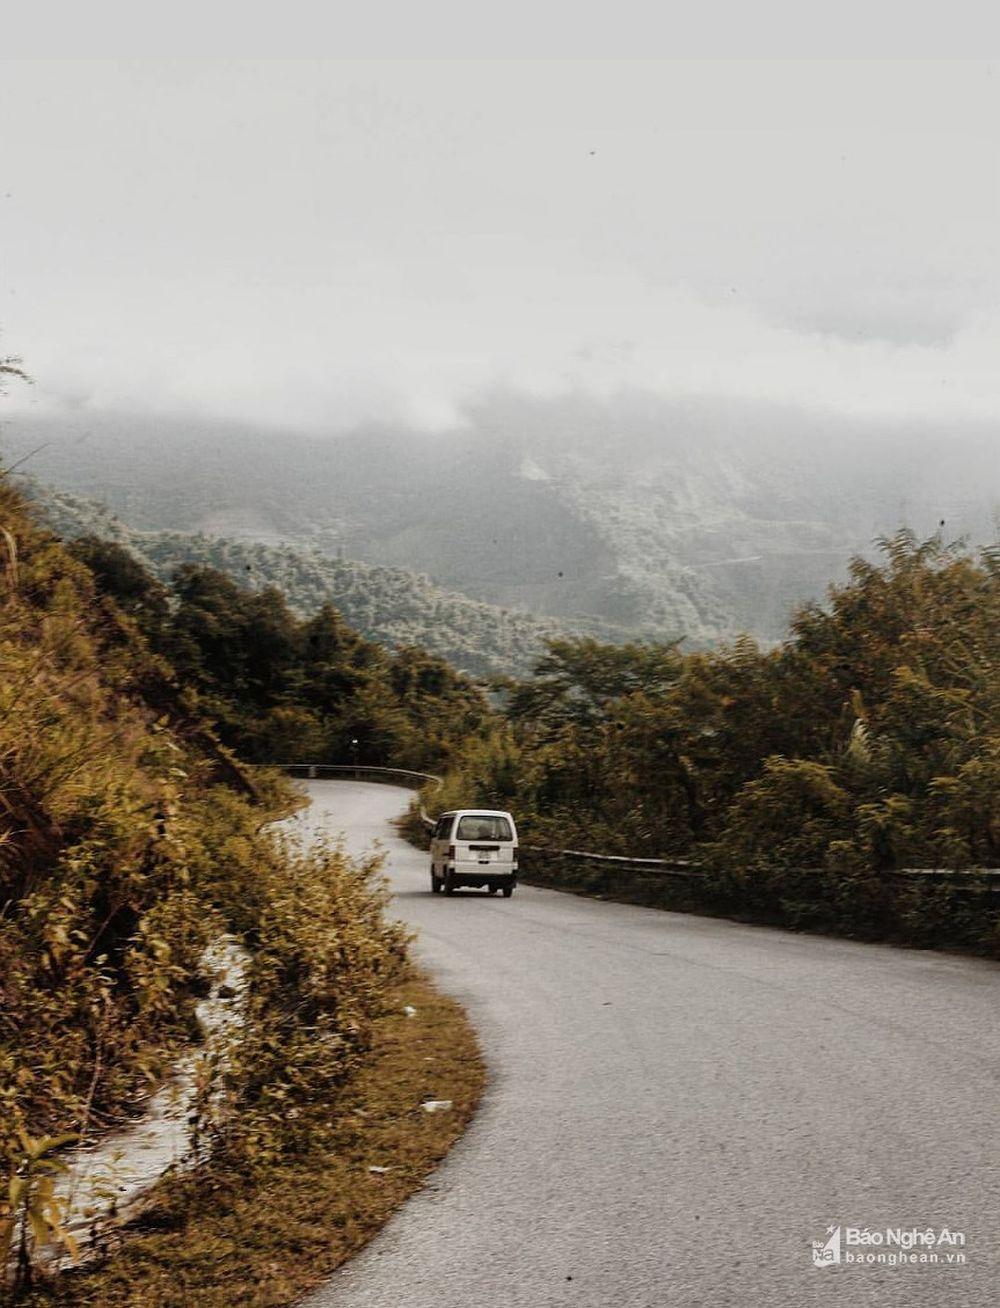 ... sở hữu tài khoản Instagram gần 18 nghìn lượt theo dõi với những hình ảnh tuyệt đẹp chụp phong cảnh thiên nhiên hùng vĩ của miền Tây xứ Nghệ.